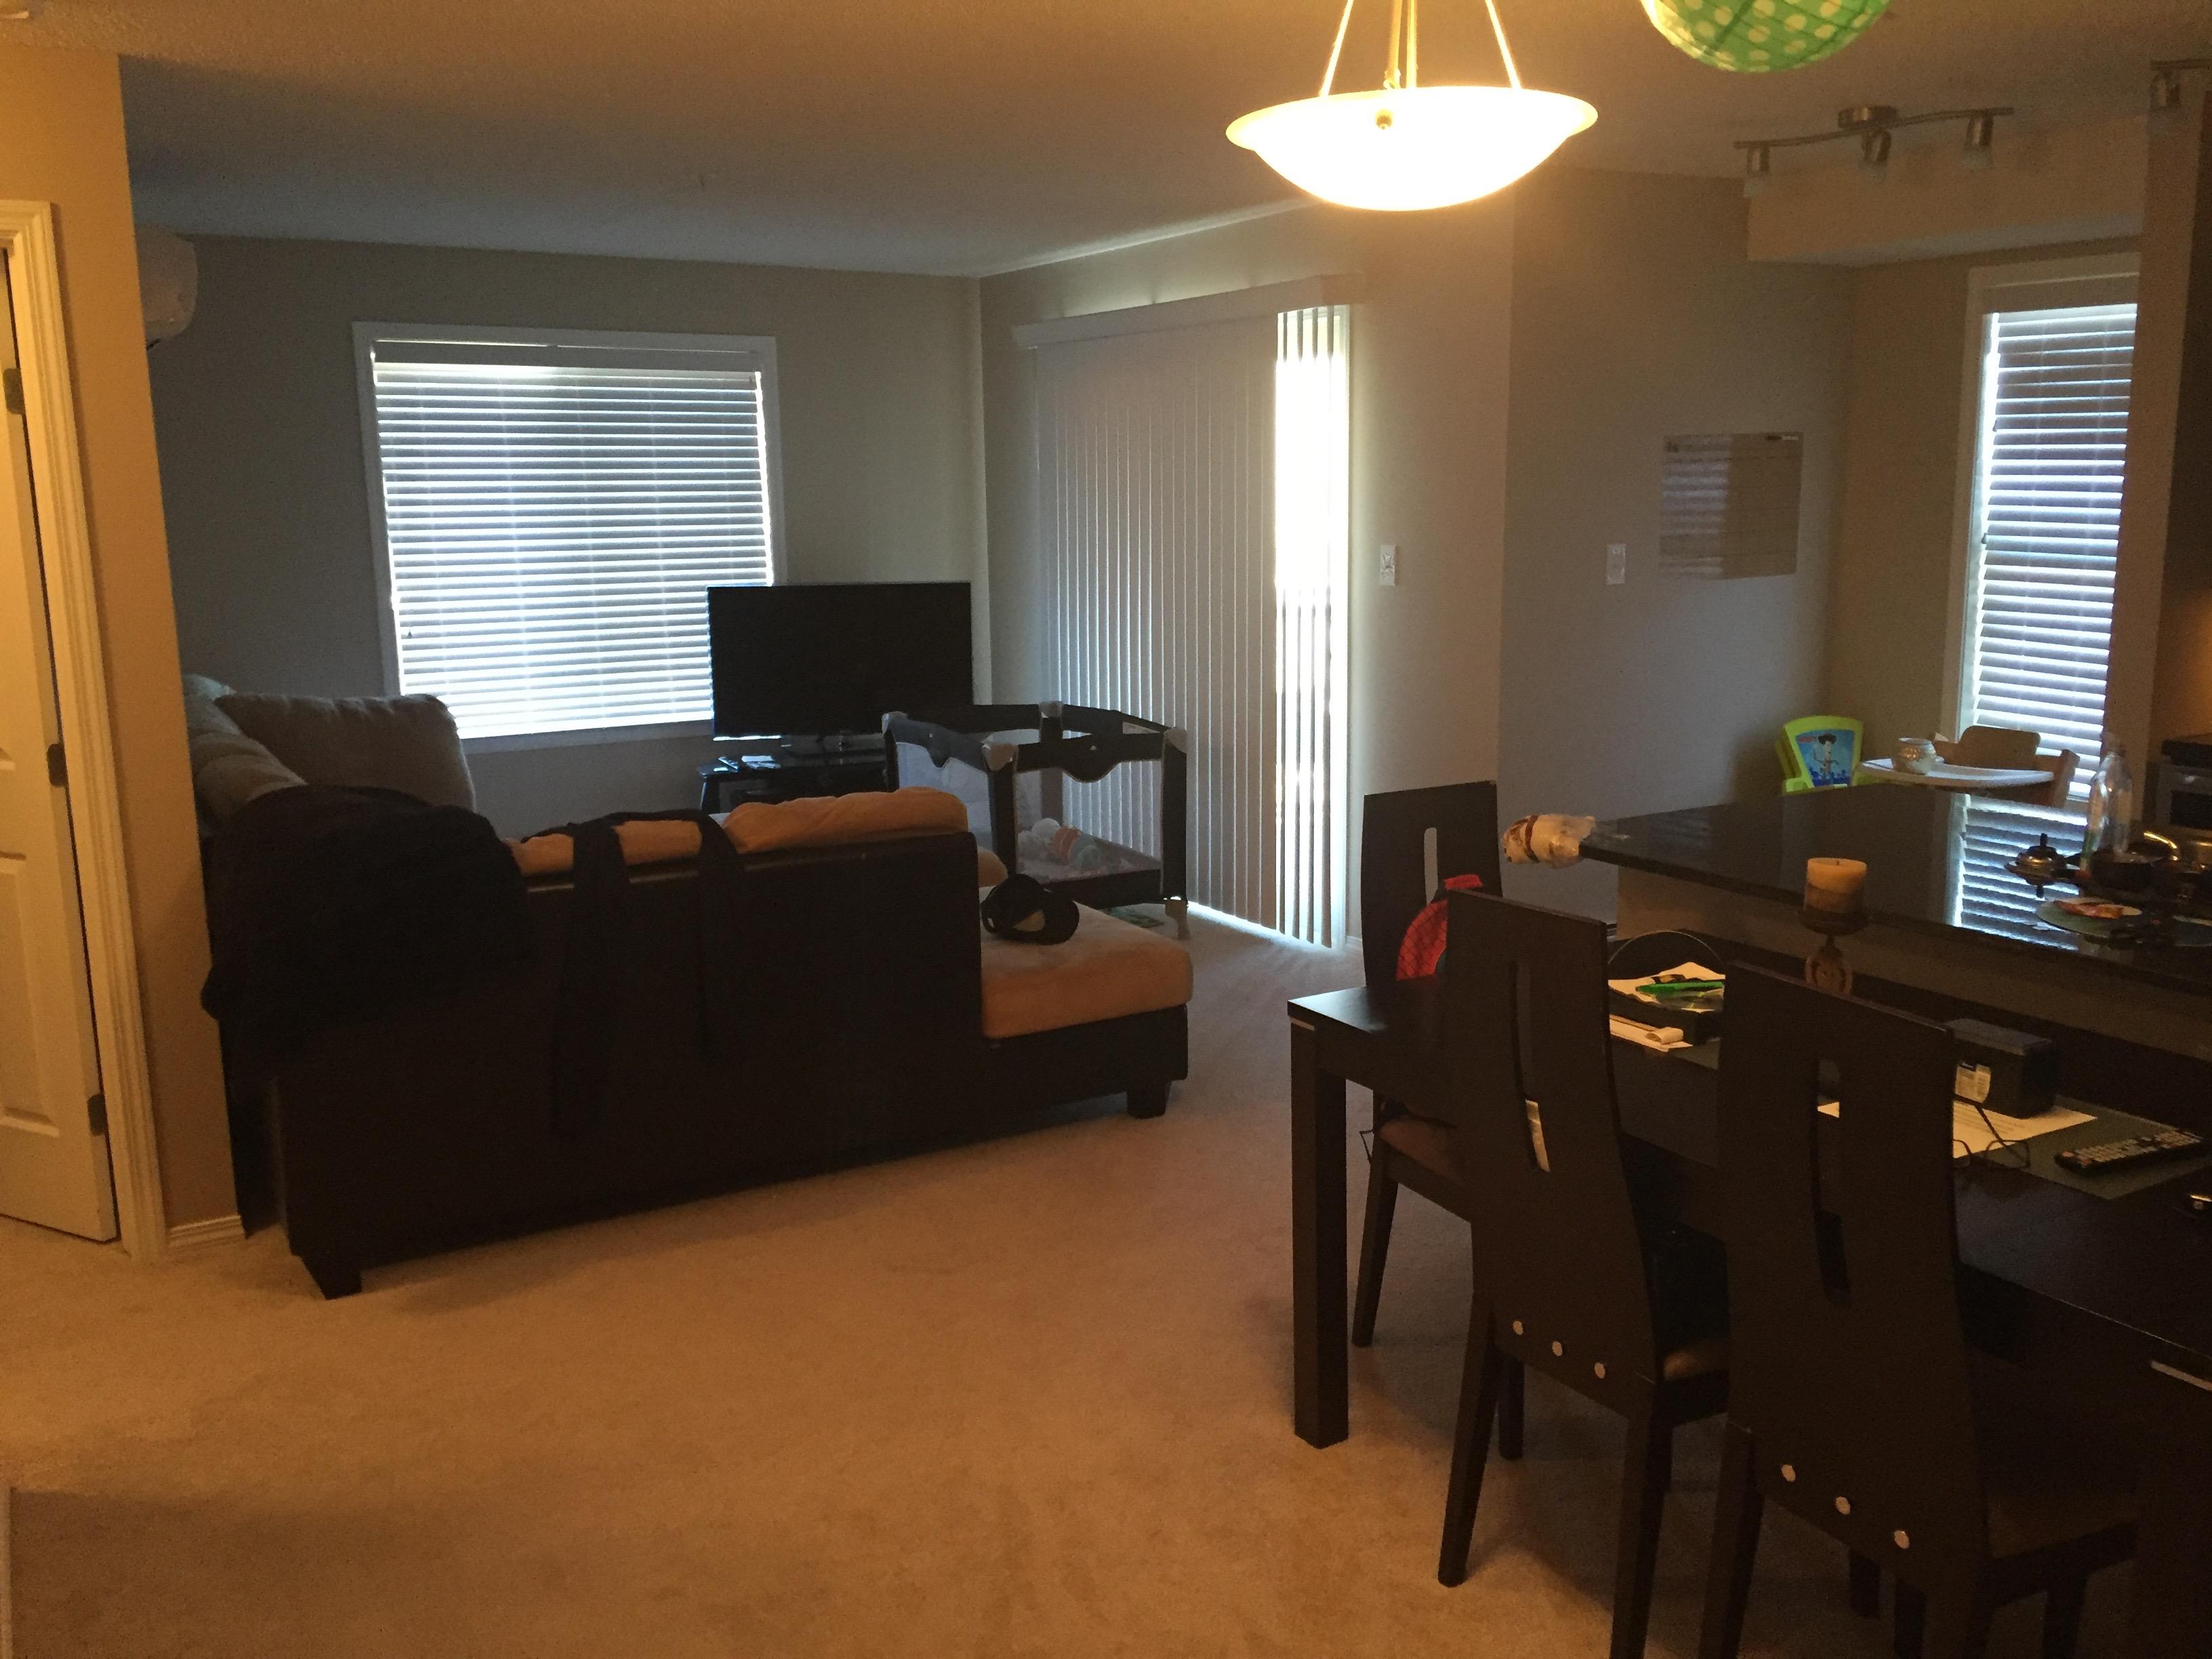 2 bedroom 2 bath condo, NORTH END McConachie. $1499